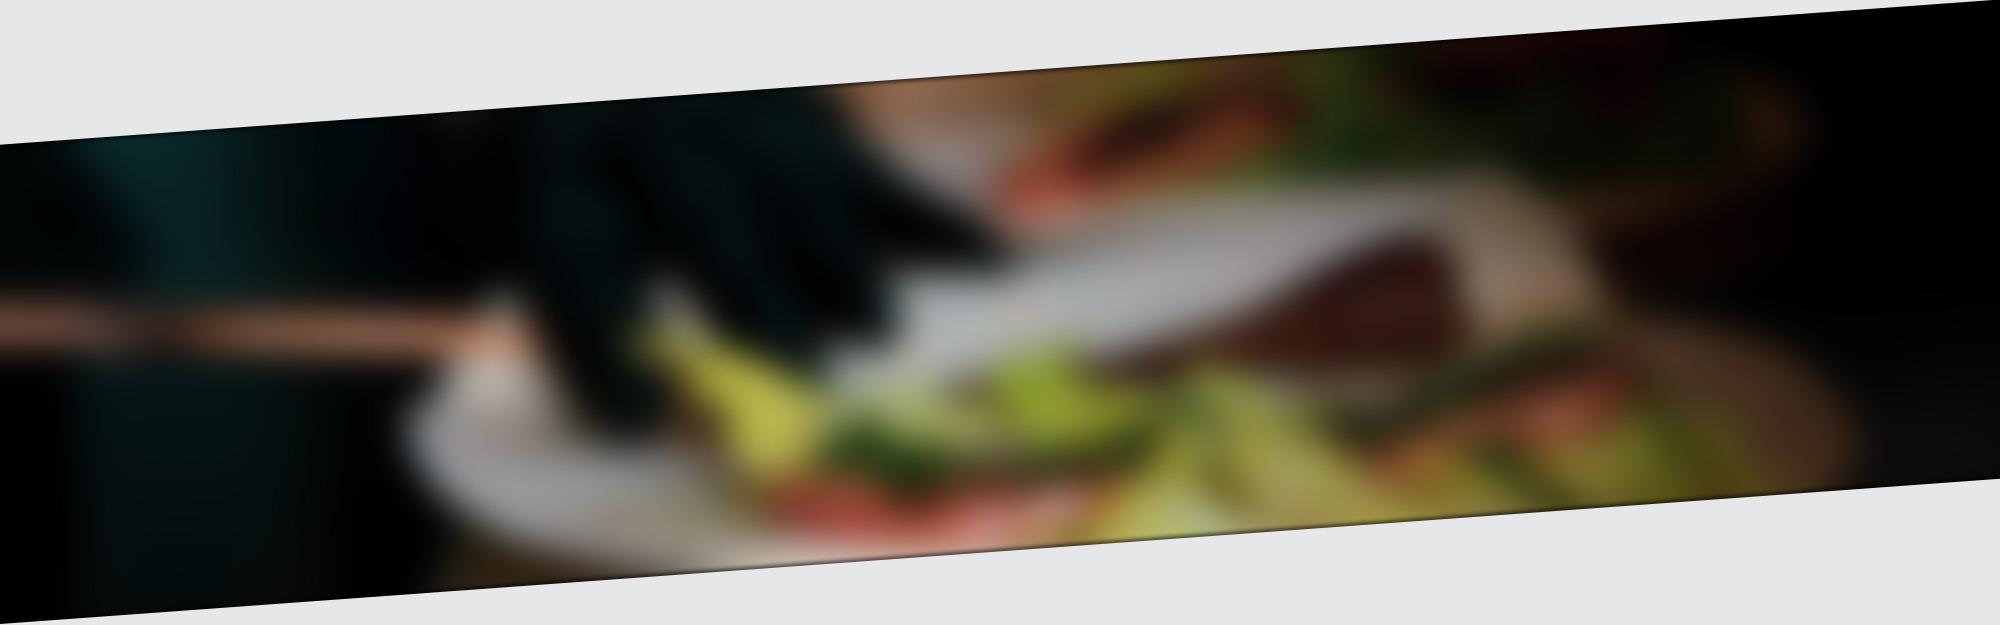 Комплект обладнання для кебаба  - foto №1